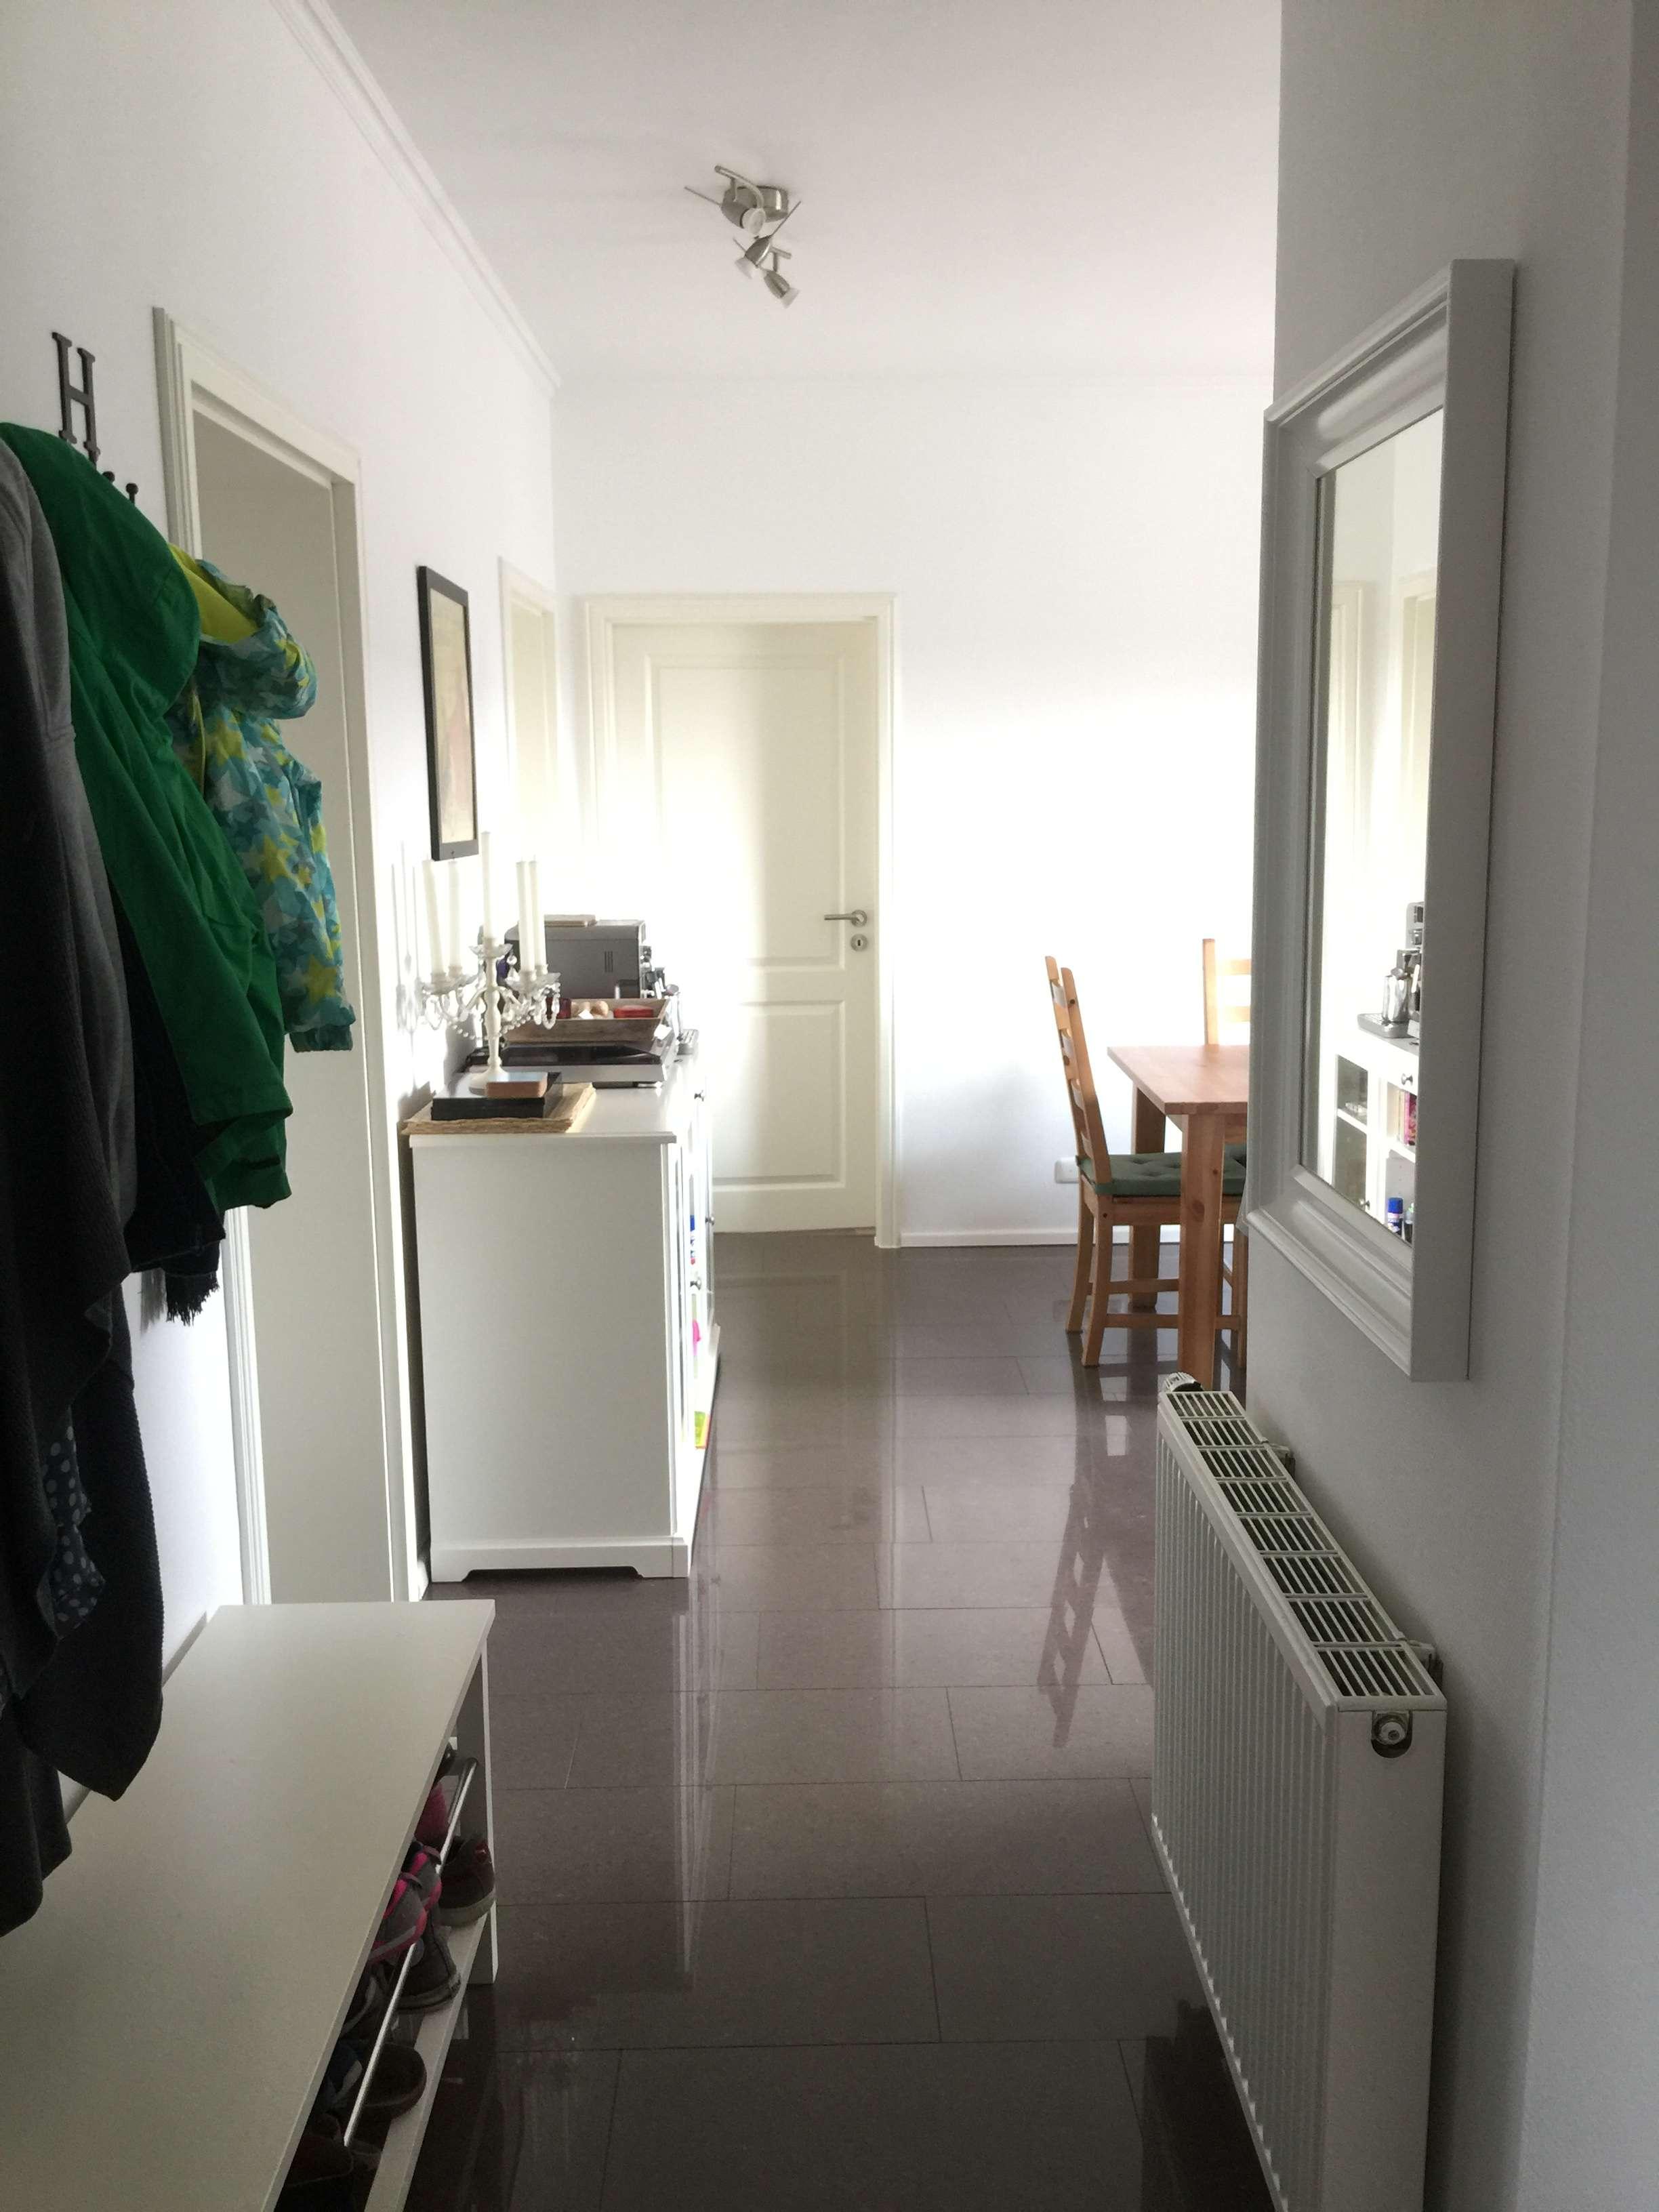 Stilvolle, neuwertige 4-Zimmer-Wohnung mit Einbauküche in Augsburg